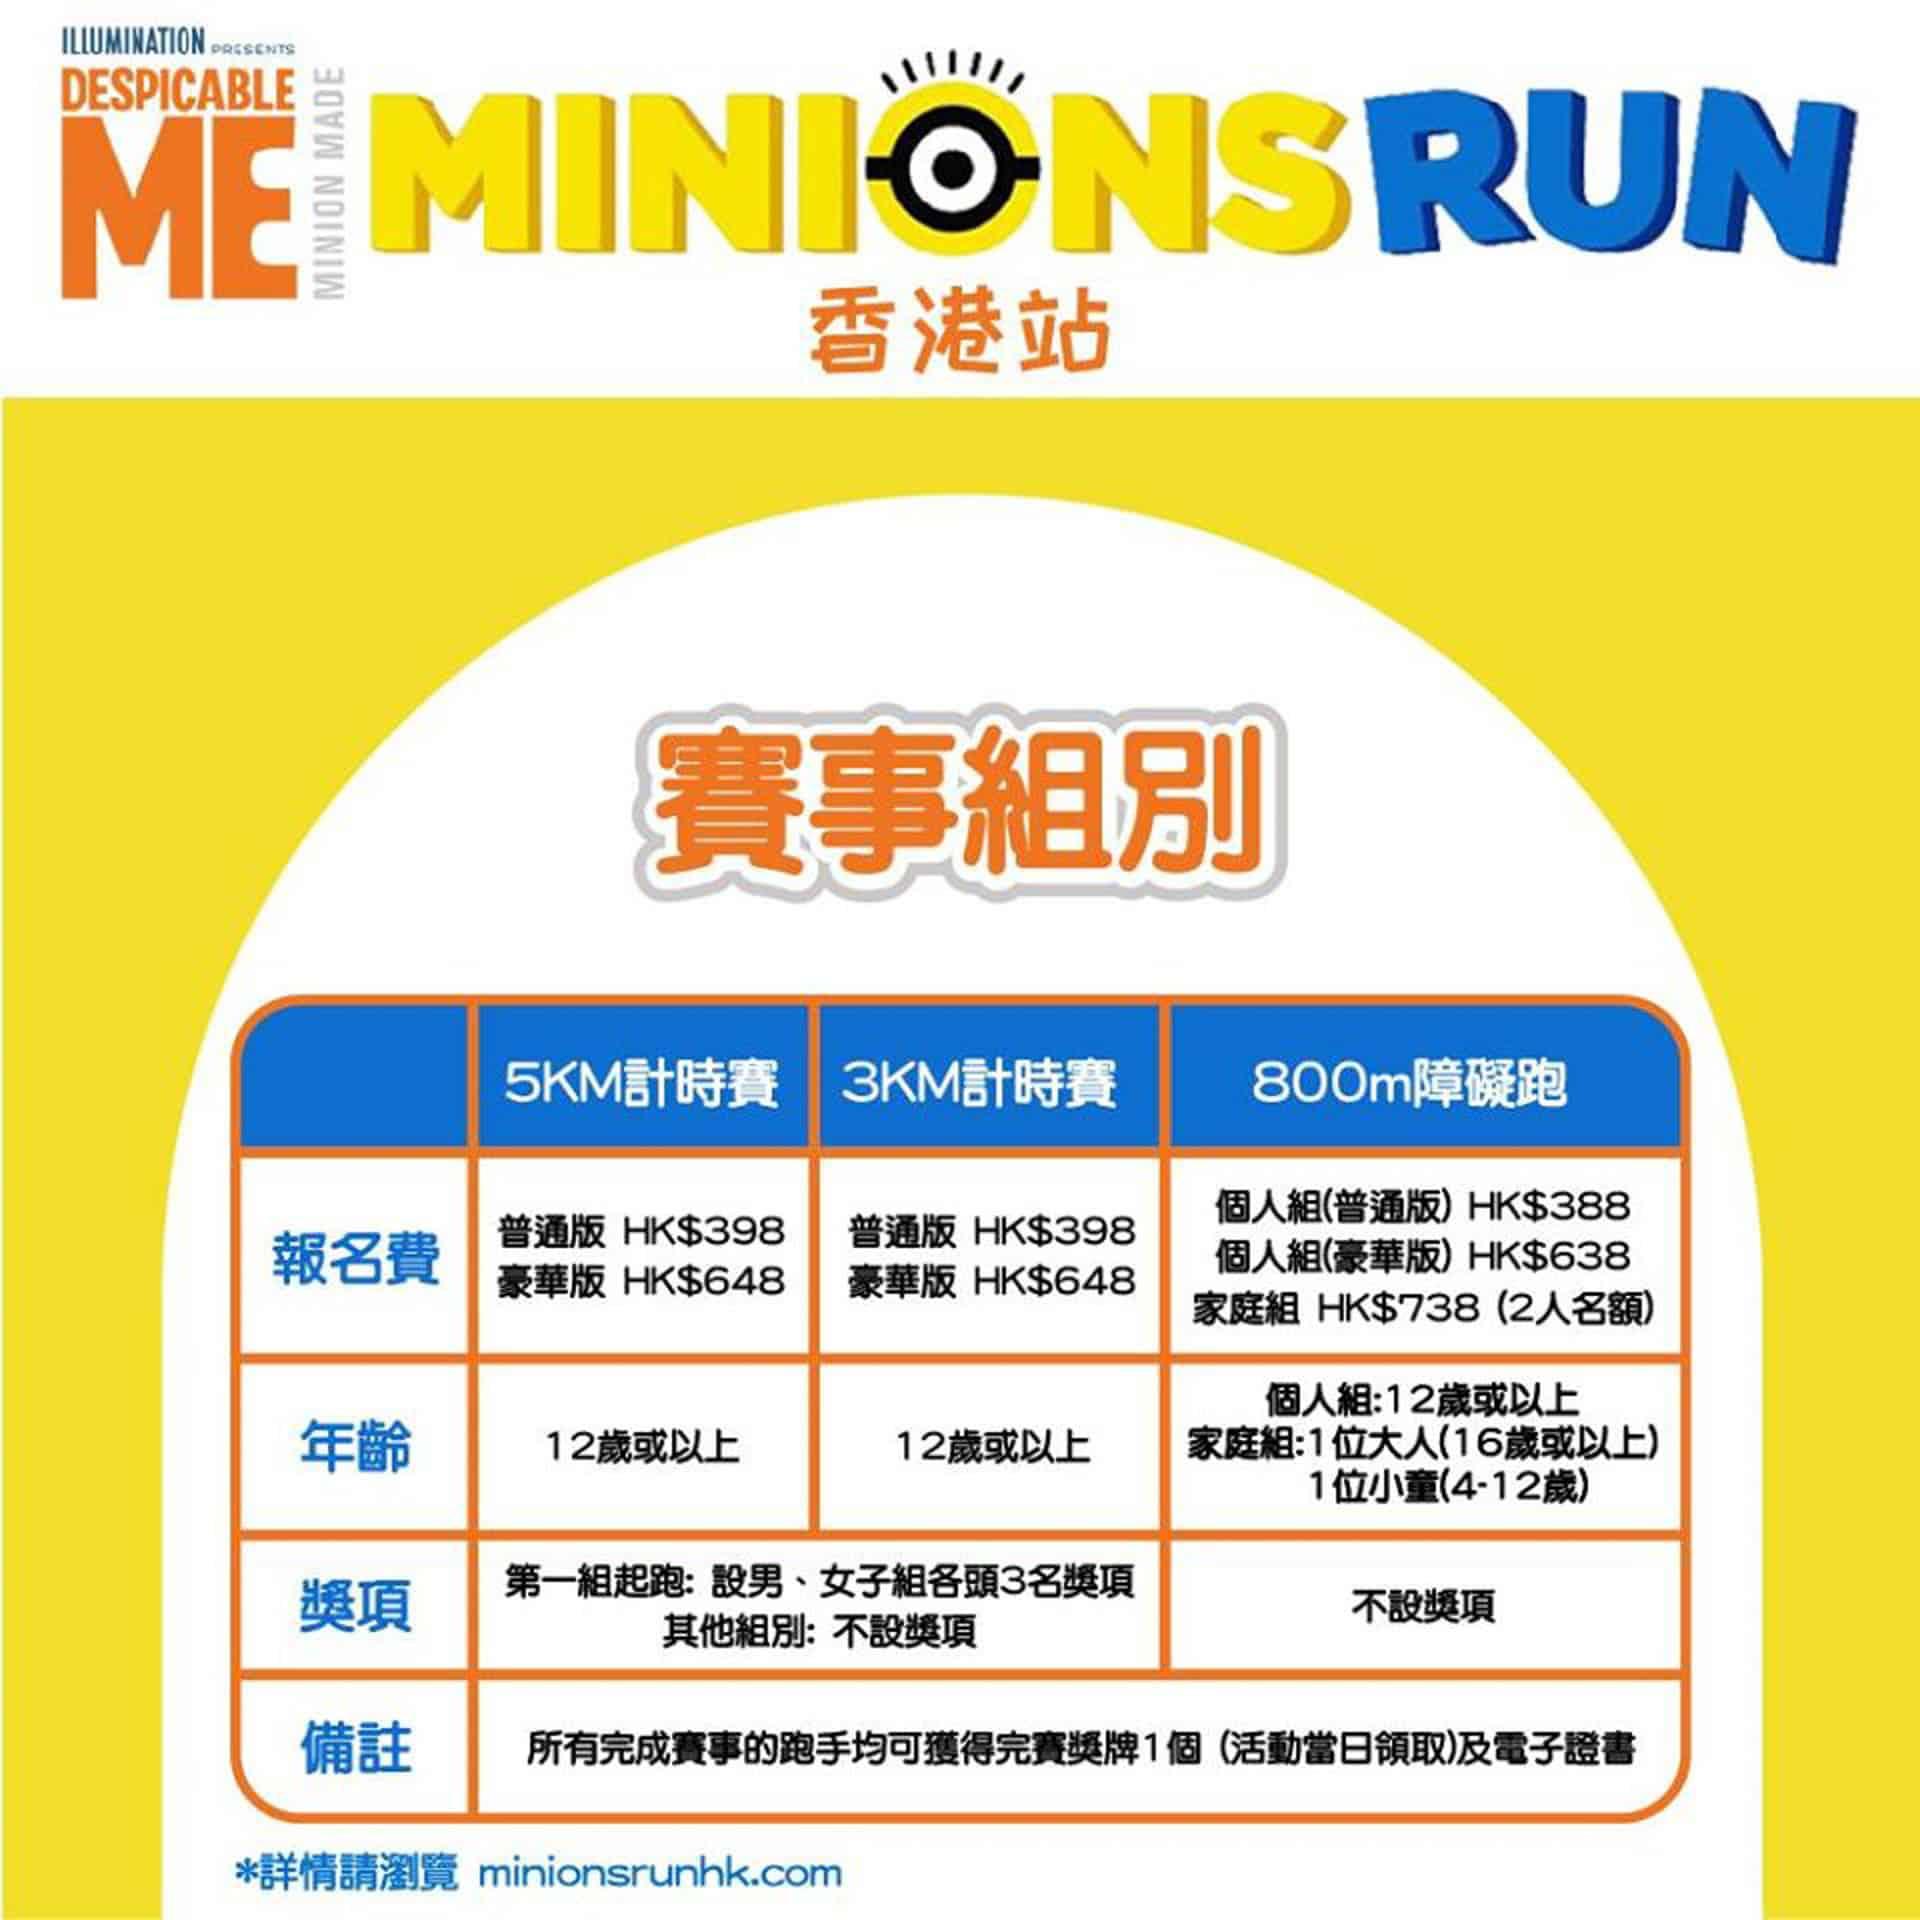 科學園:Minions Run HongKong 賽事組別詳情